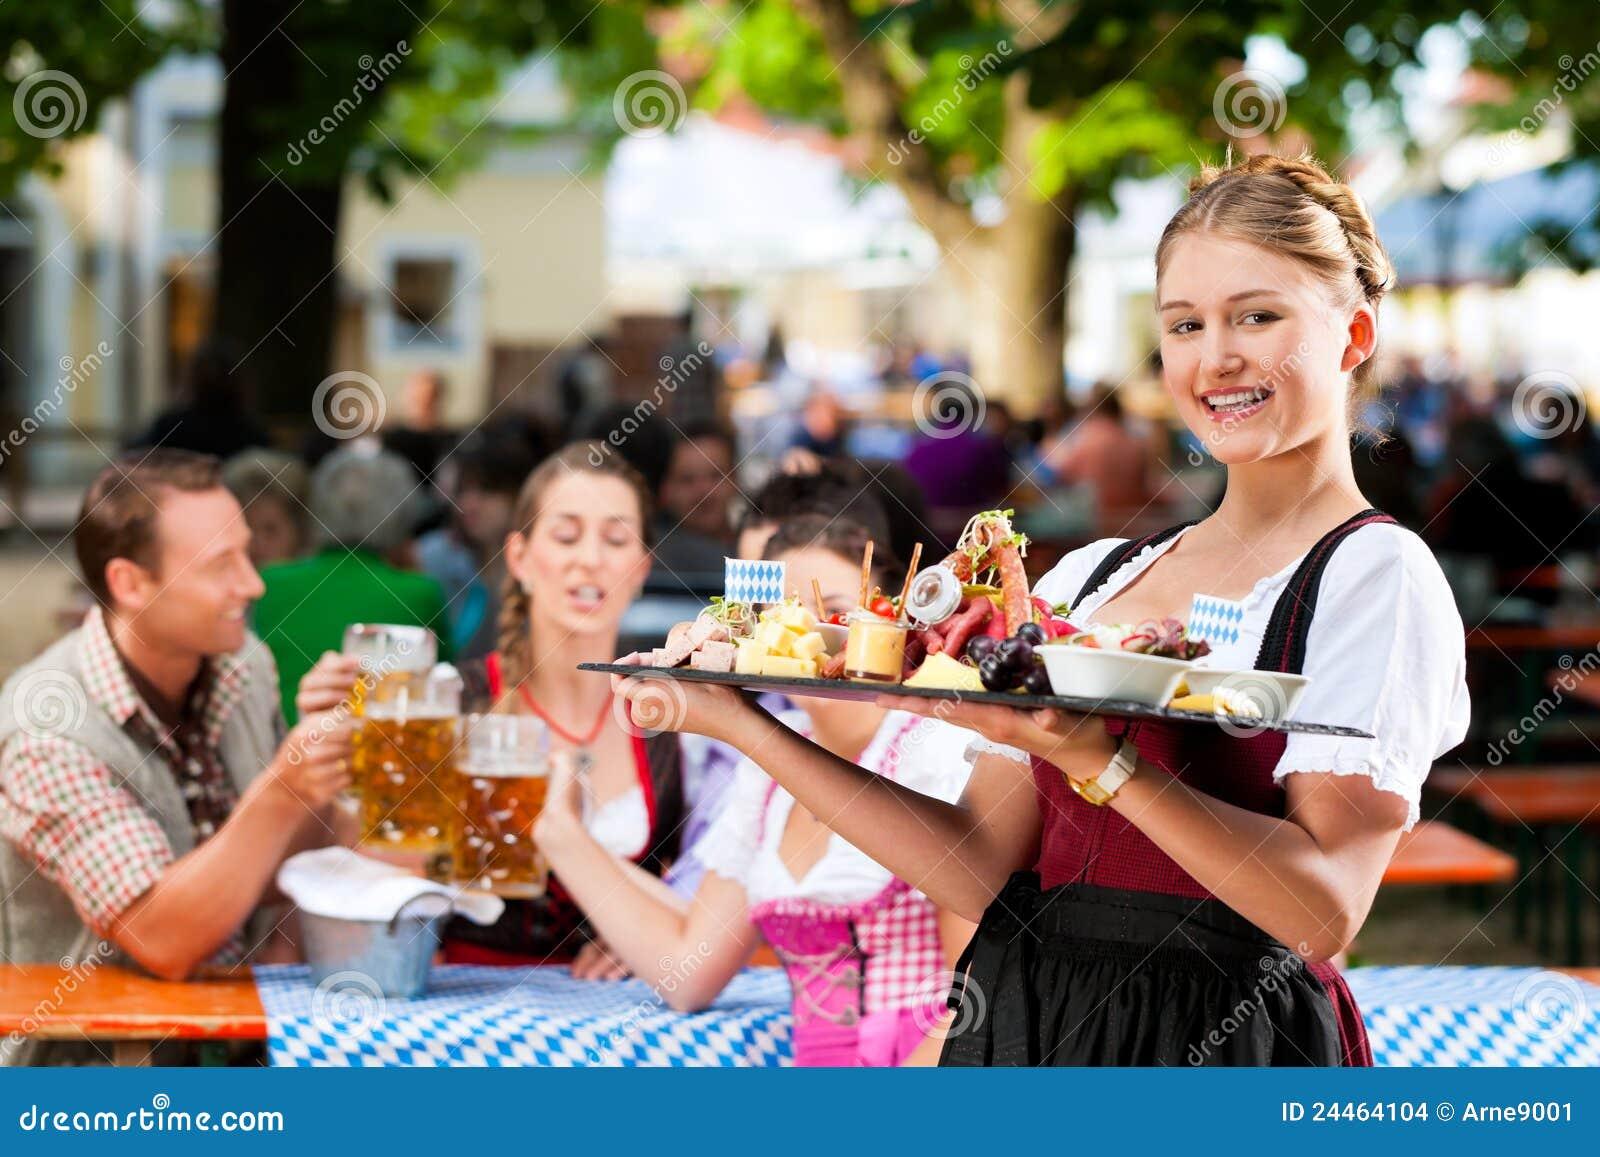 Restaurante do jardim da cerveja - cerveja e petiscos